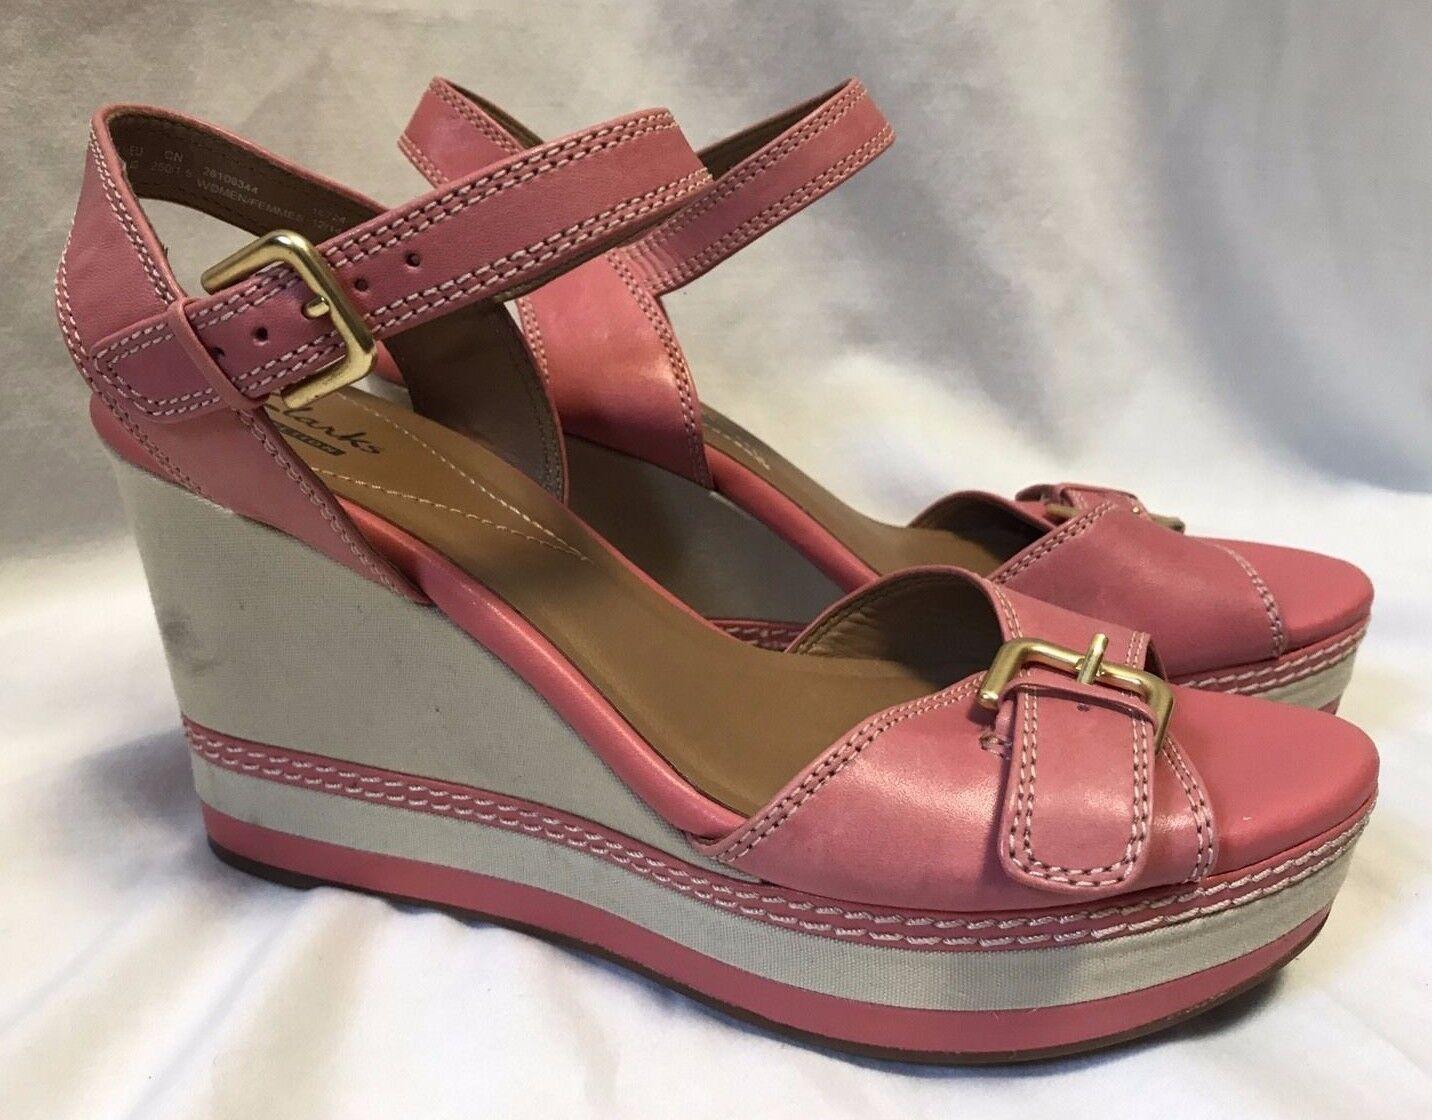 Clarks Zia Cuñas Sandalias de mujer 9M 9M 9M rosado Coral Hebillas Tacones De Vestir Zapatos De Lona  están haciendo actividades de descuento